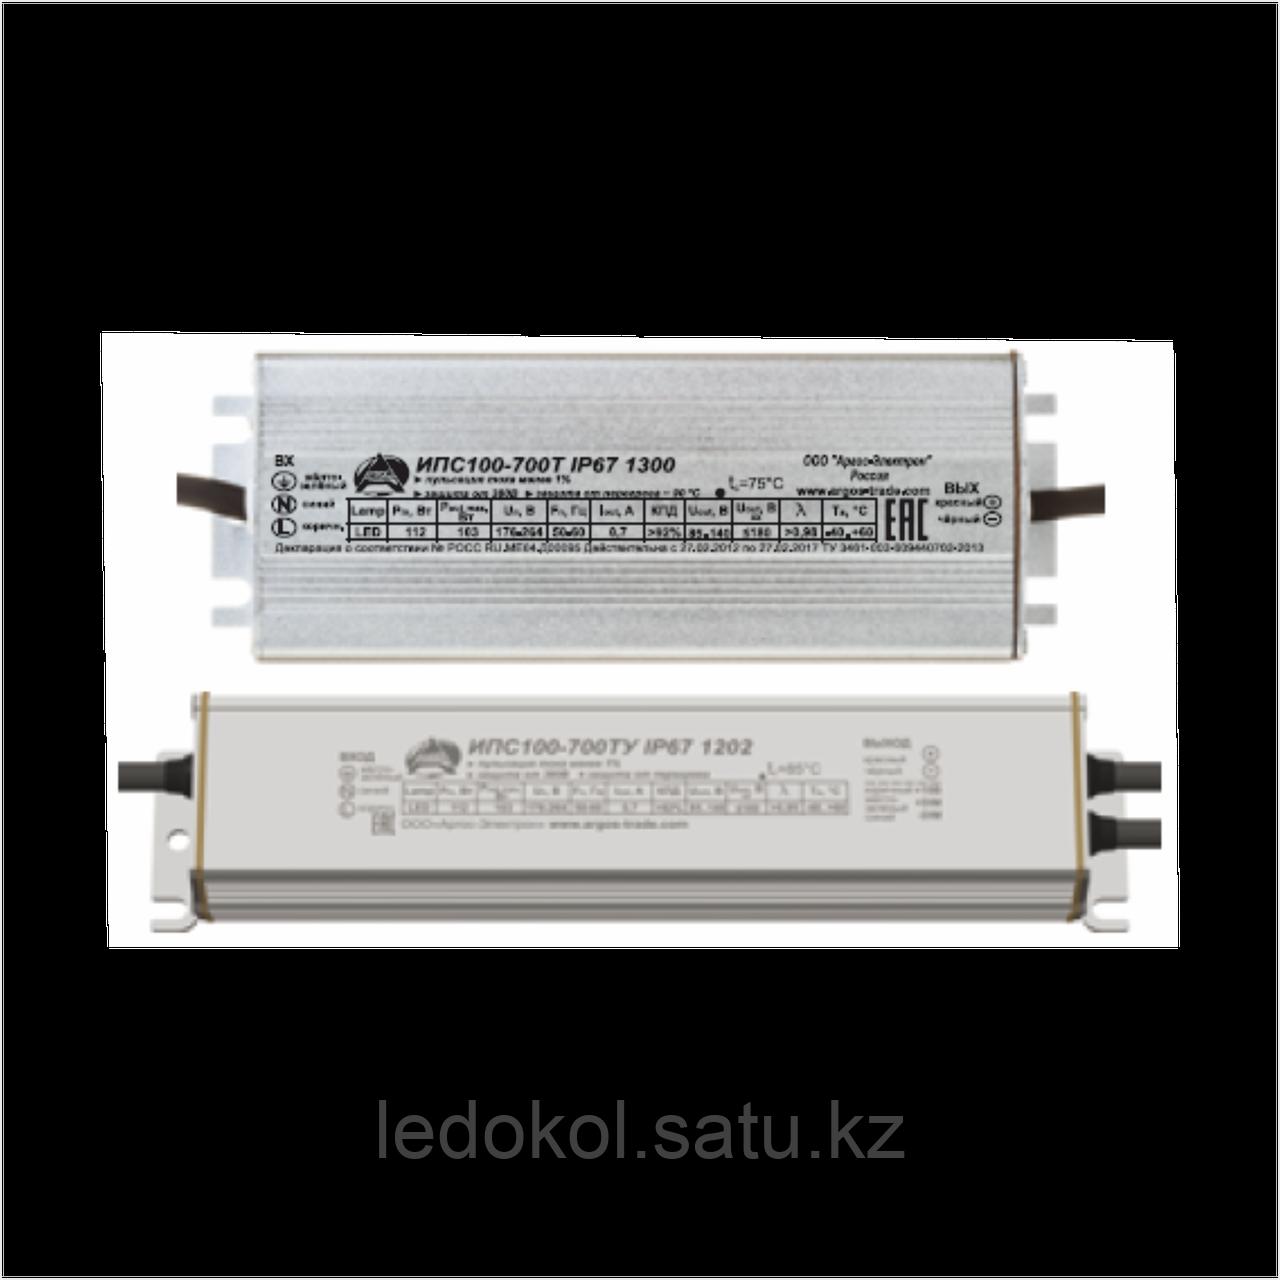 Источник питания Аргос ИПС100-1050Т IP67 ПРОМ  1200